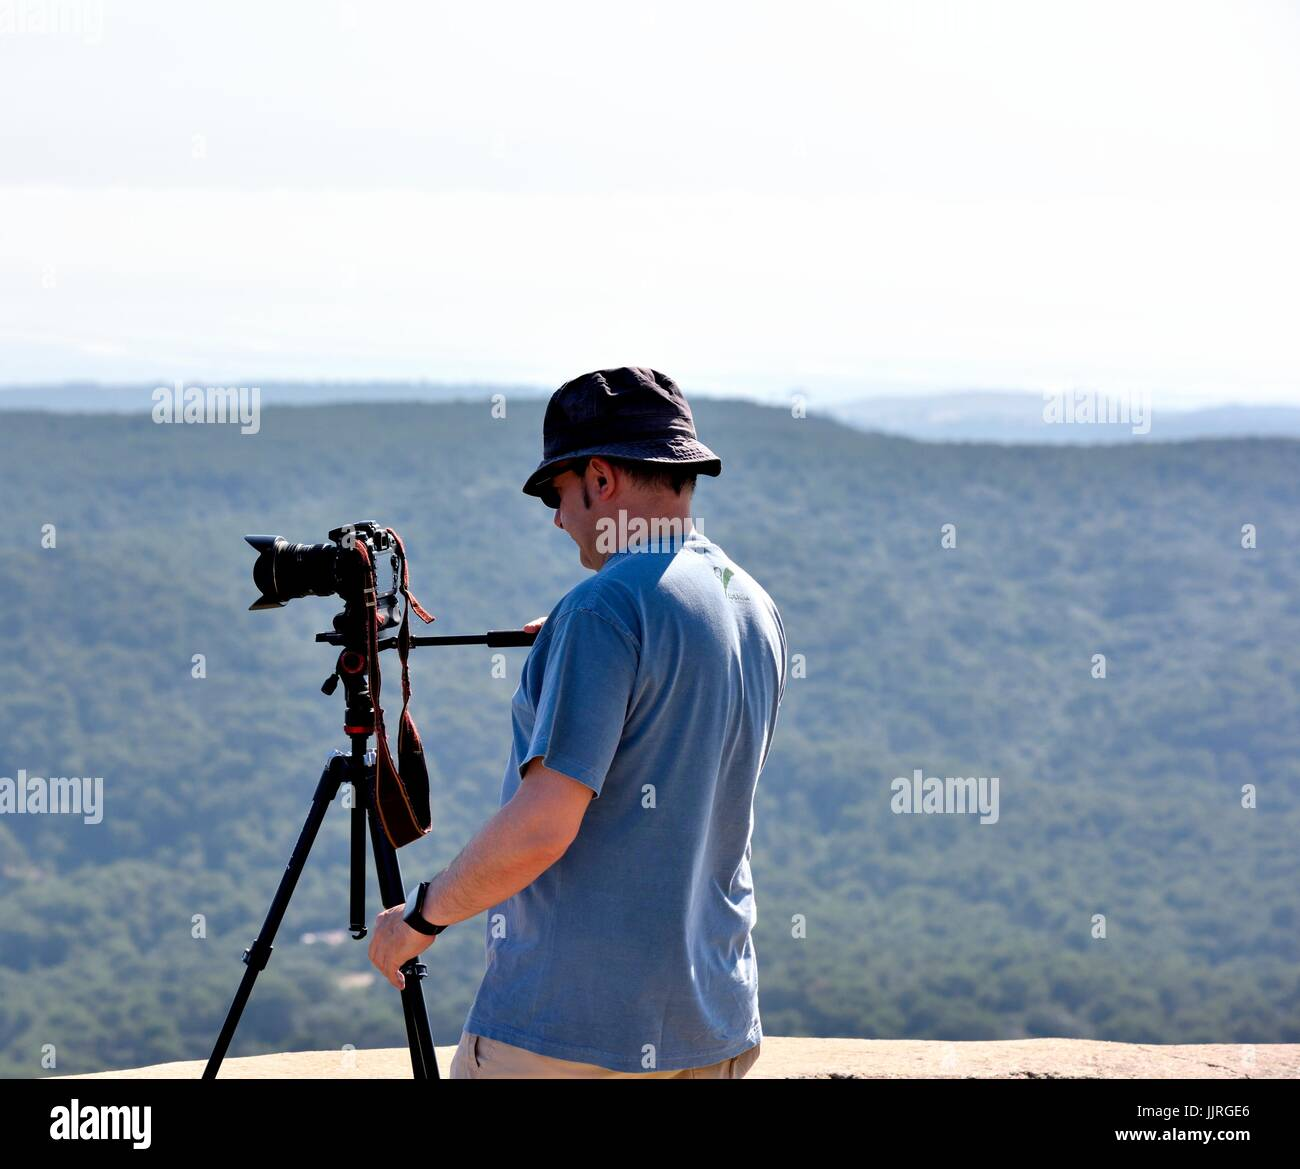 Uomo che utilizza SLR Fotocamera digitale su un treppiede Immagini Stock